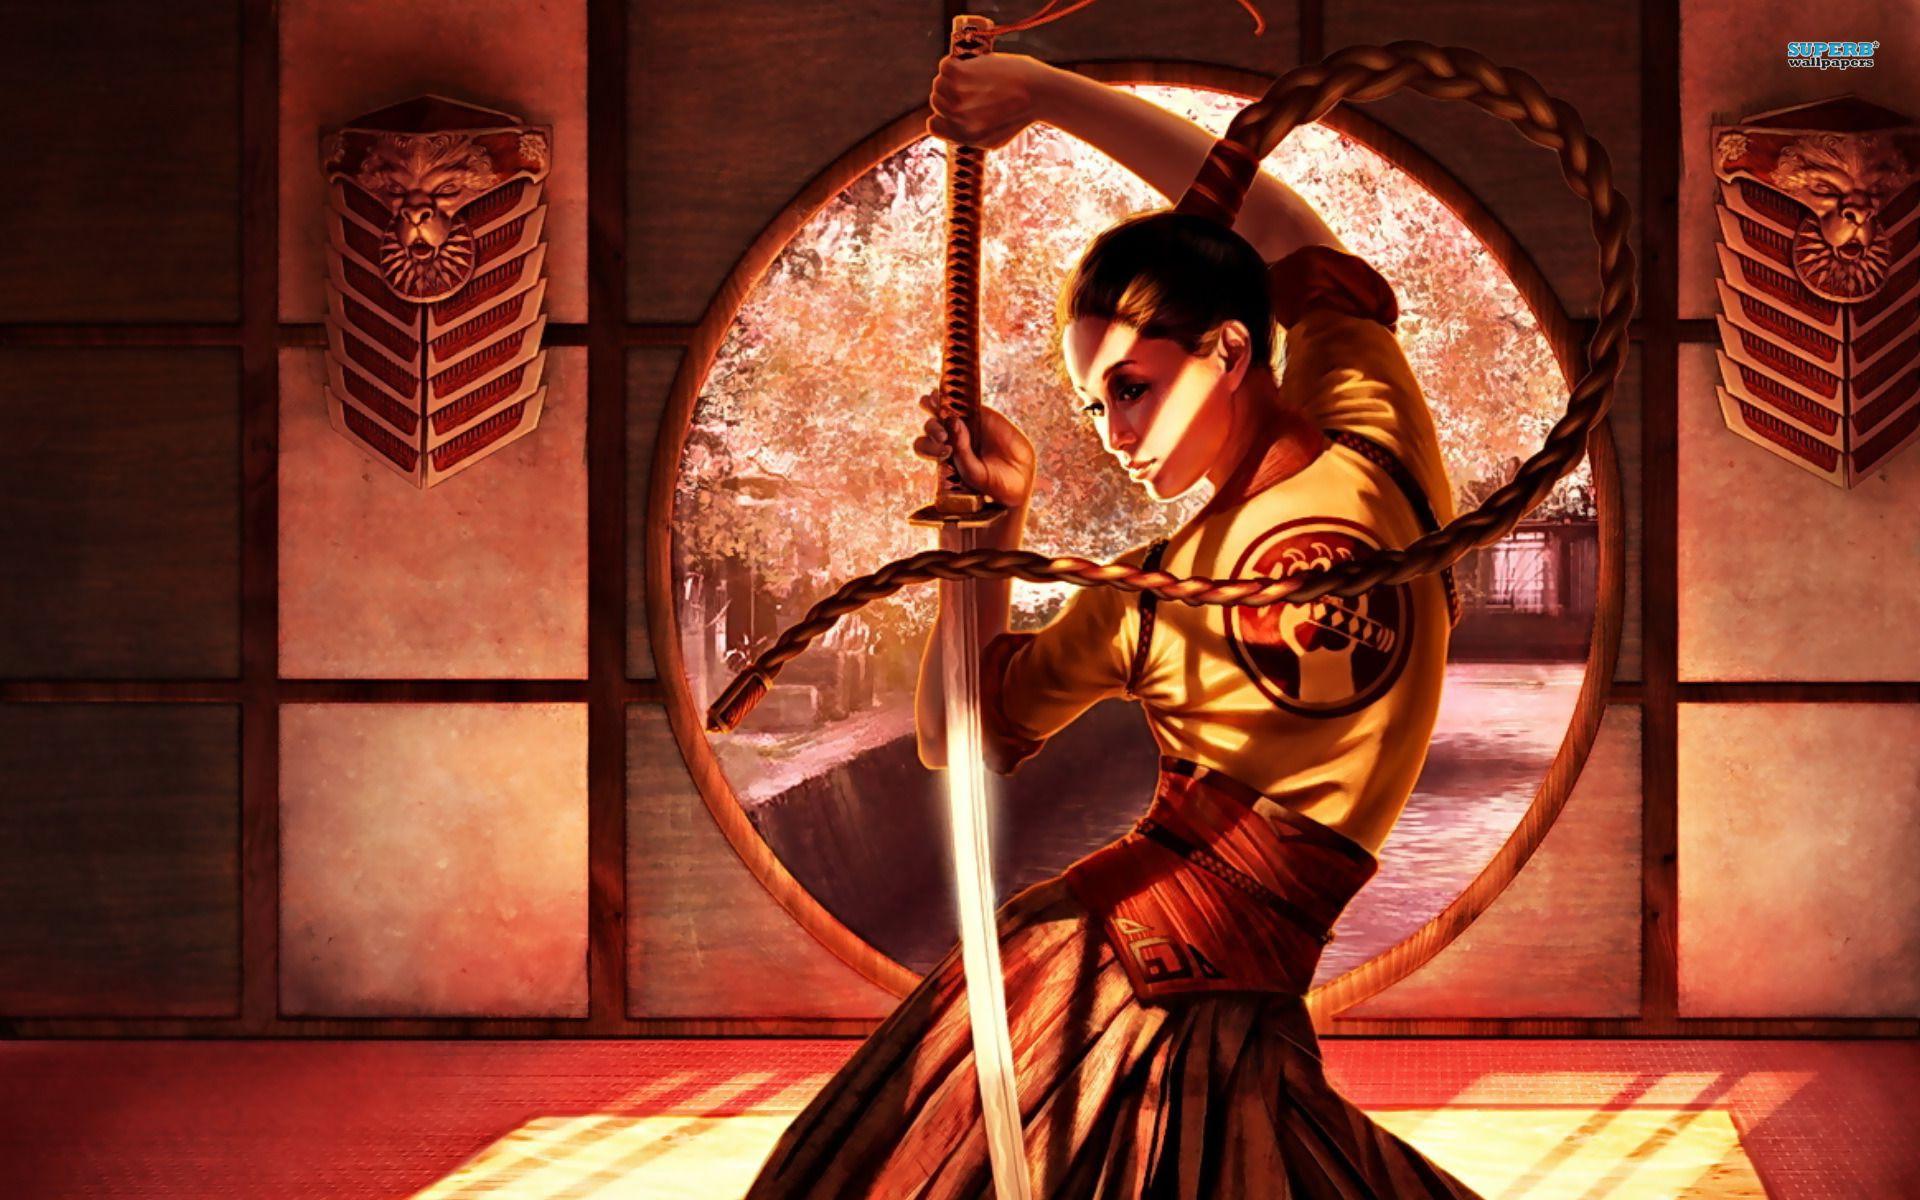 samurai-girl-art-fantasy-iphone-6-plus-1080x1920-wallpaper.jpg ...